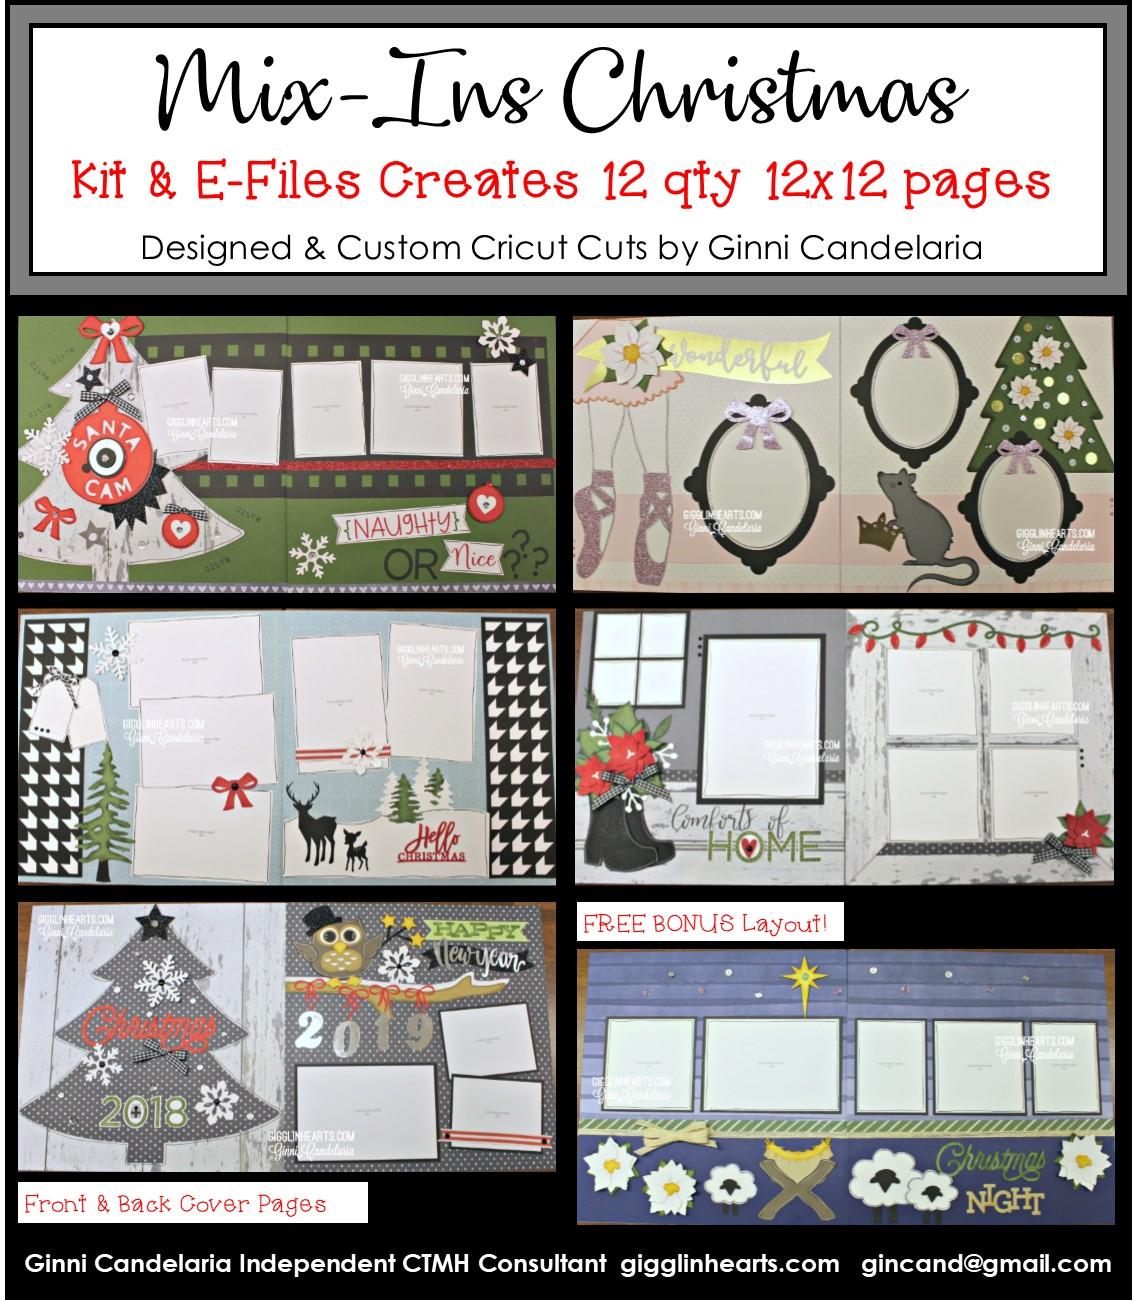 Mix-Ins Christmas Kit